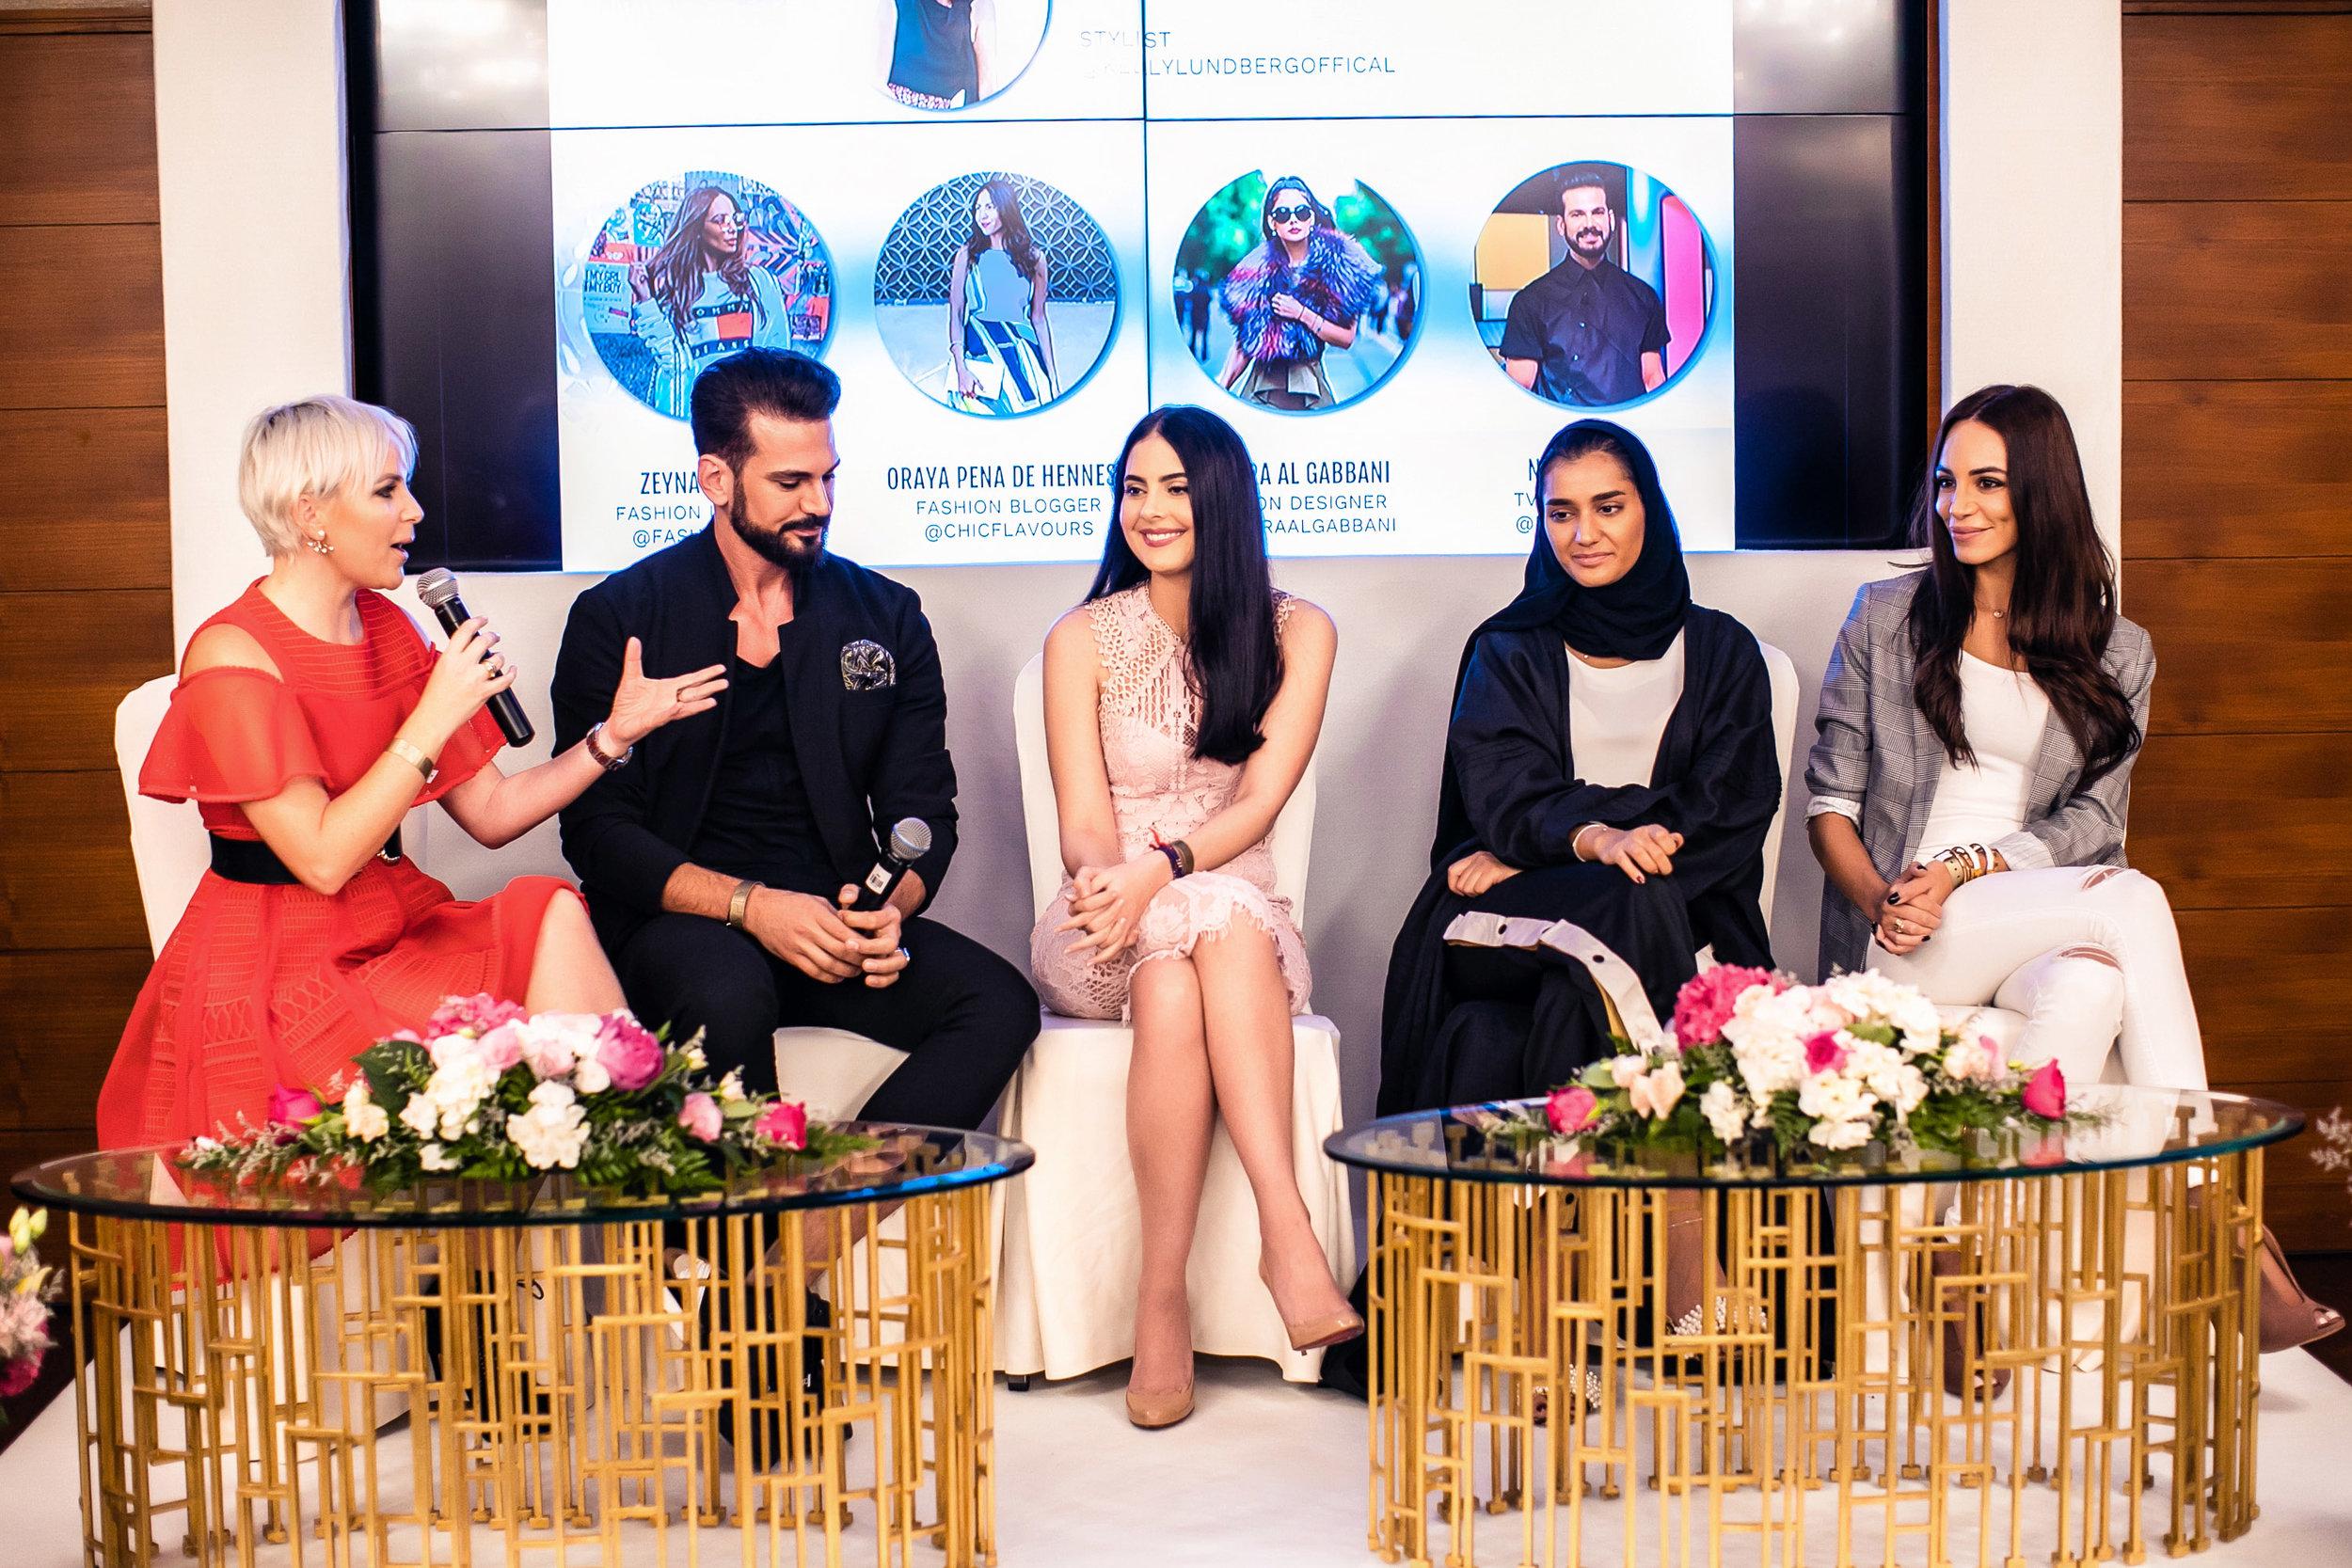 FROM LEFT: Kelly Lundberg, Nour Aldin, Tamara Al Gabbani, and Zeynab El-Helw